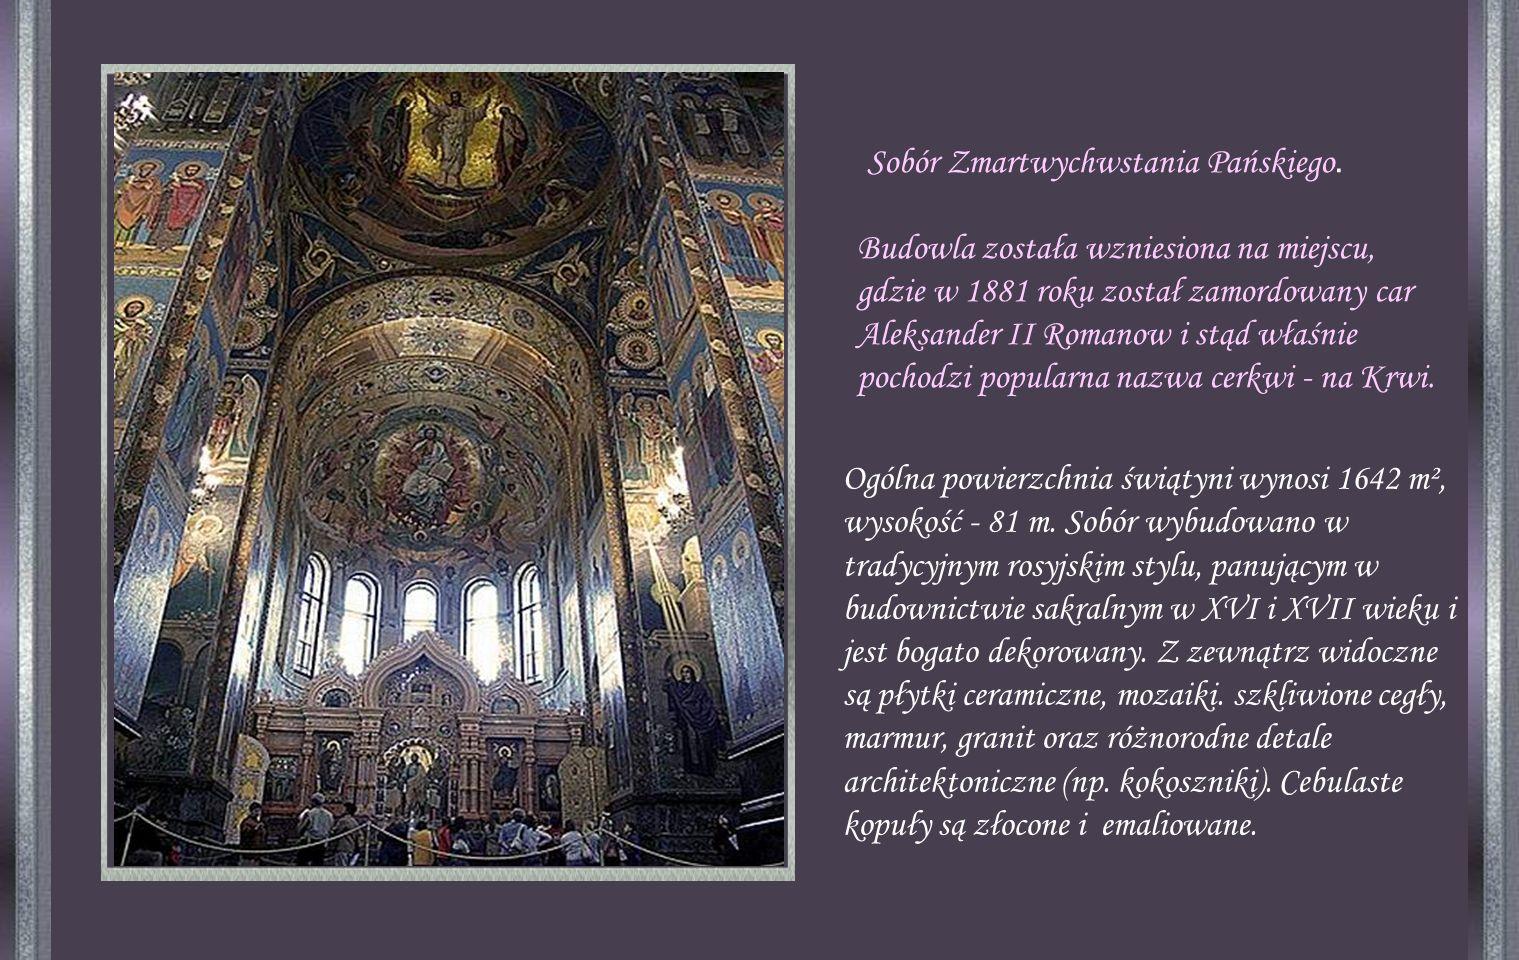 Katedralna cerkiew Chrystusa Zbawiciela jest votum dziękczynnym za uratowanie Rosji przed najazdem napoleońskim w 1812 roku.